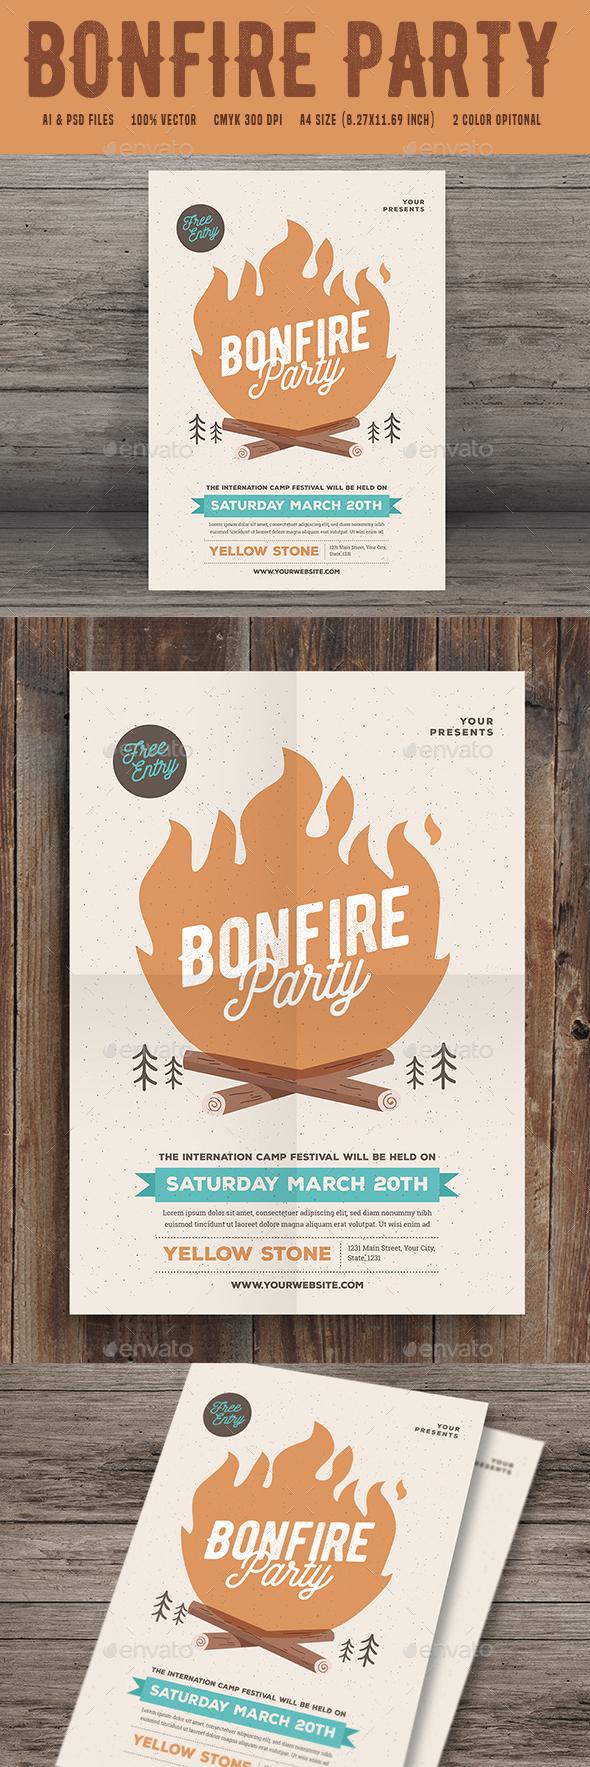 Bonfire Event Party